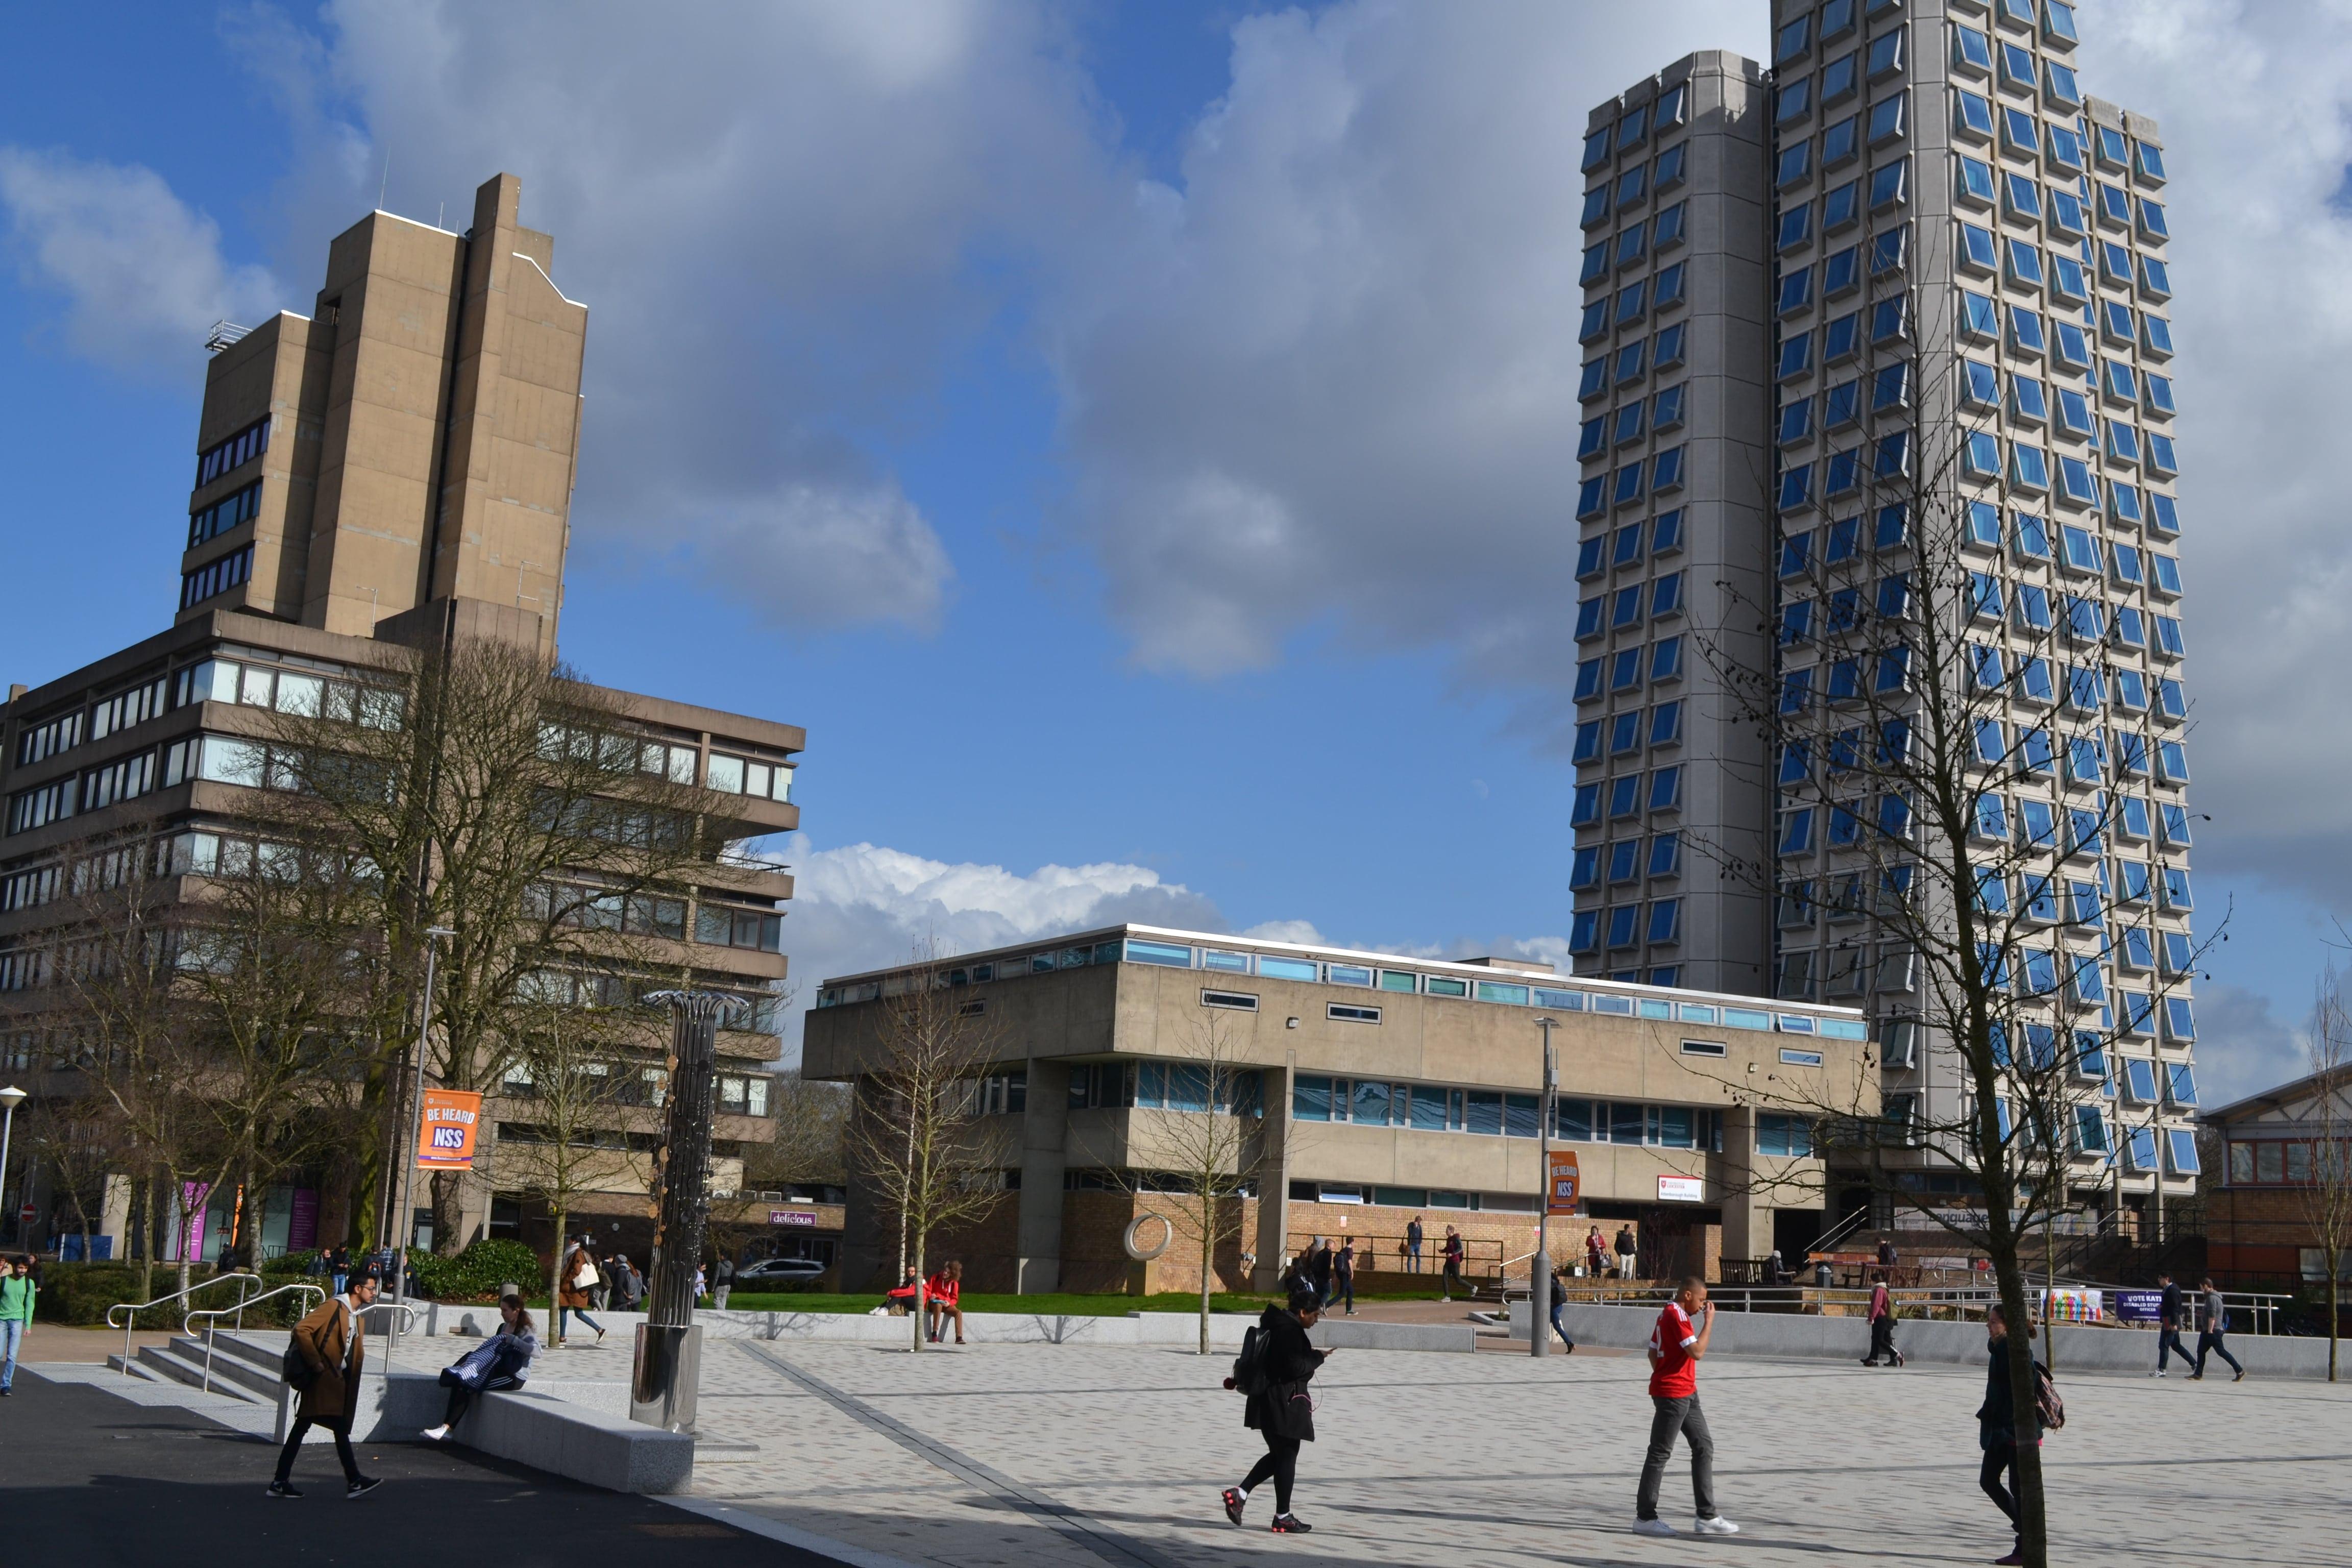 Справа на фото – здание-терка  или Attenborough Building, где расположены гуманитарные факультеты и факультеты искусства. Слева – административное здание Charles Wilson Building,похожее на трансформер.